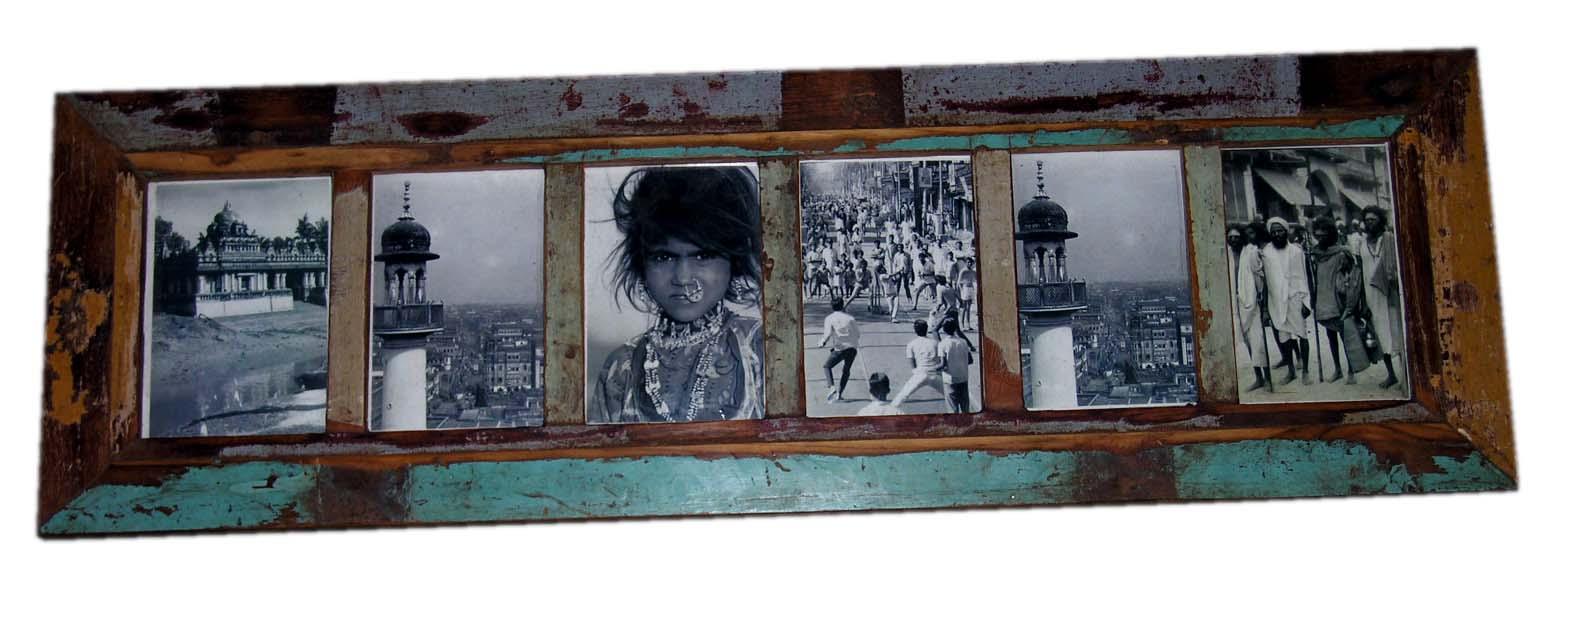 ANEMS007 - 27 x 2 x 84 cm